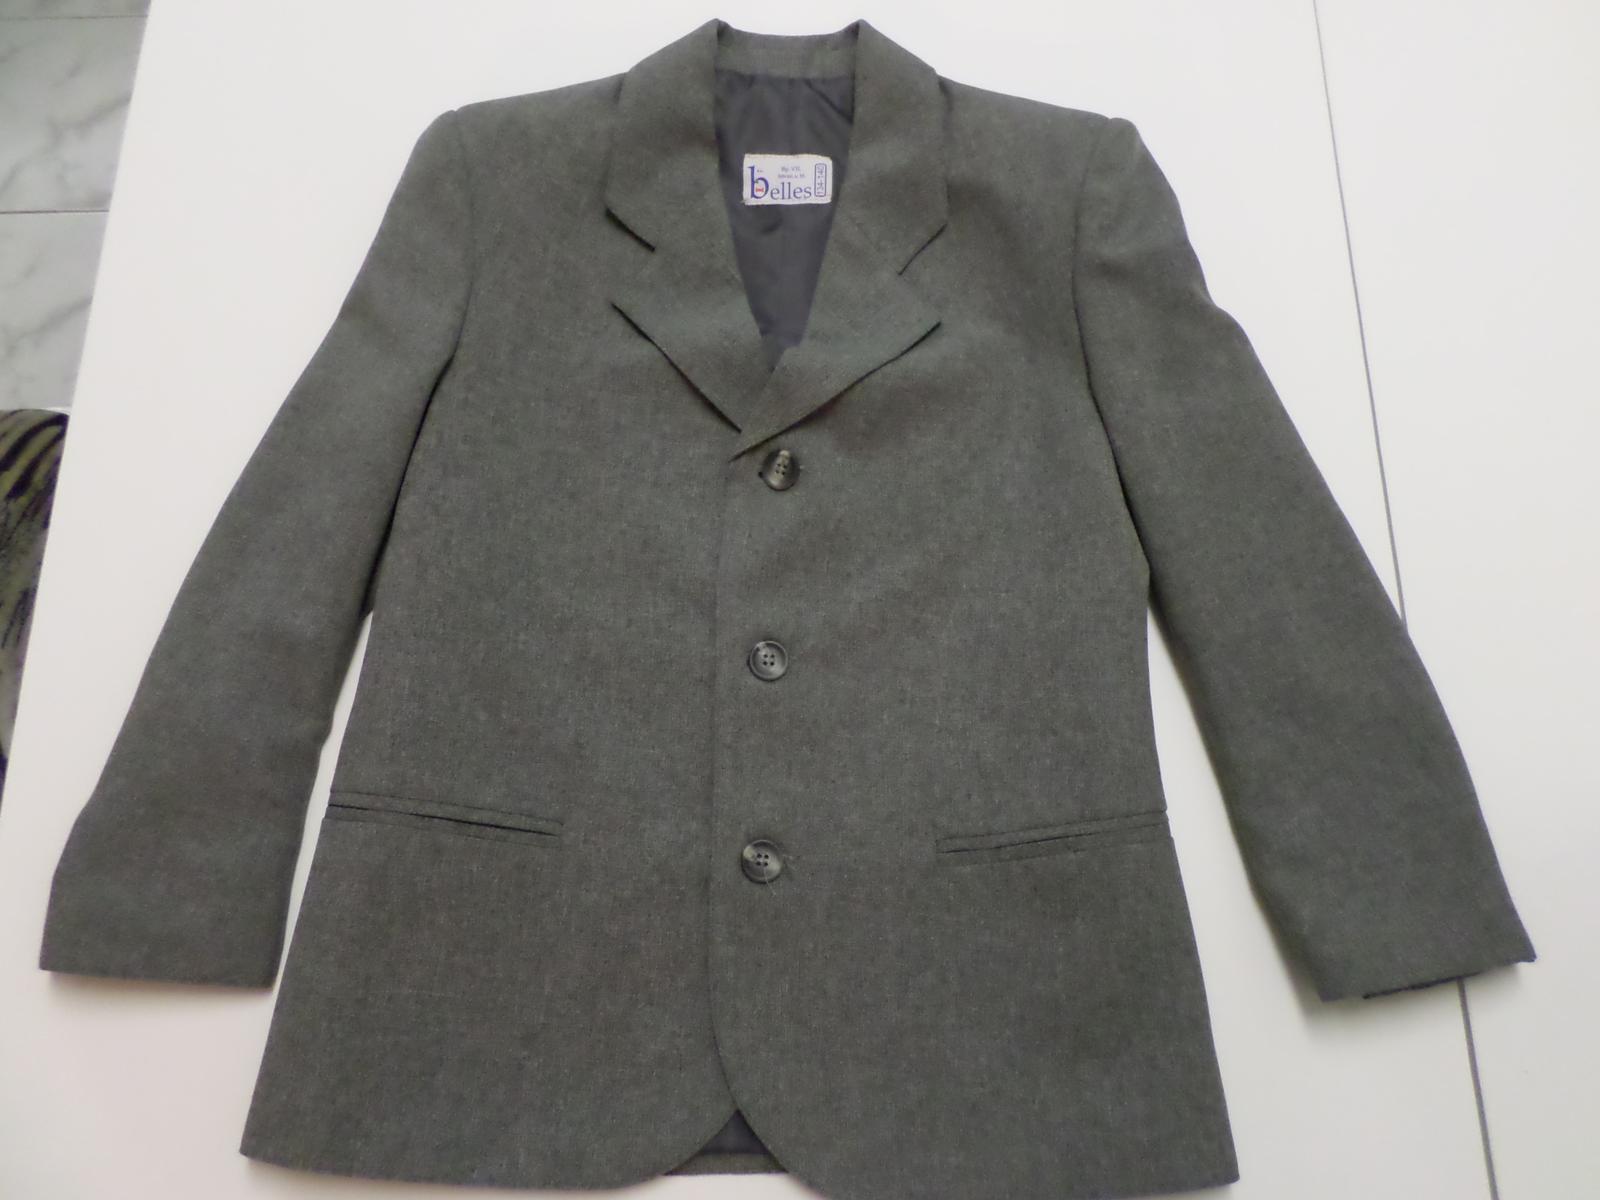 Oblek pre chlapca - Obrázok č. 2